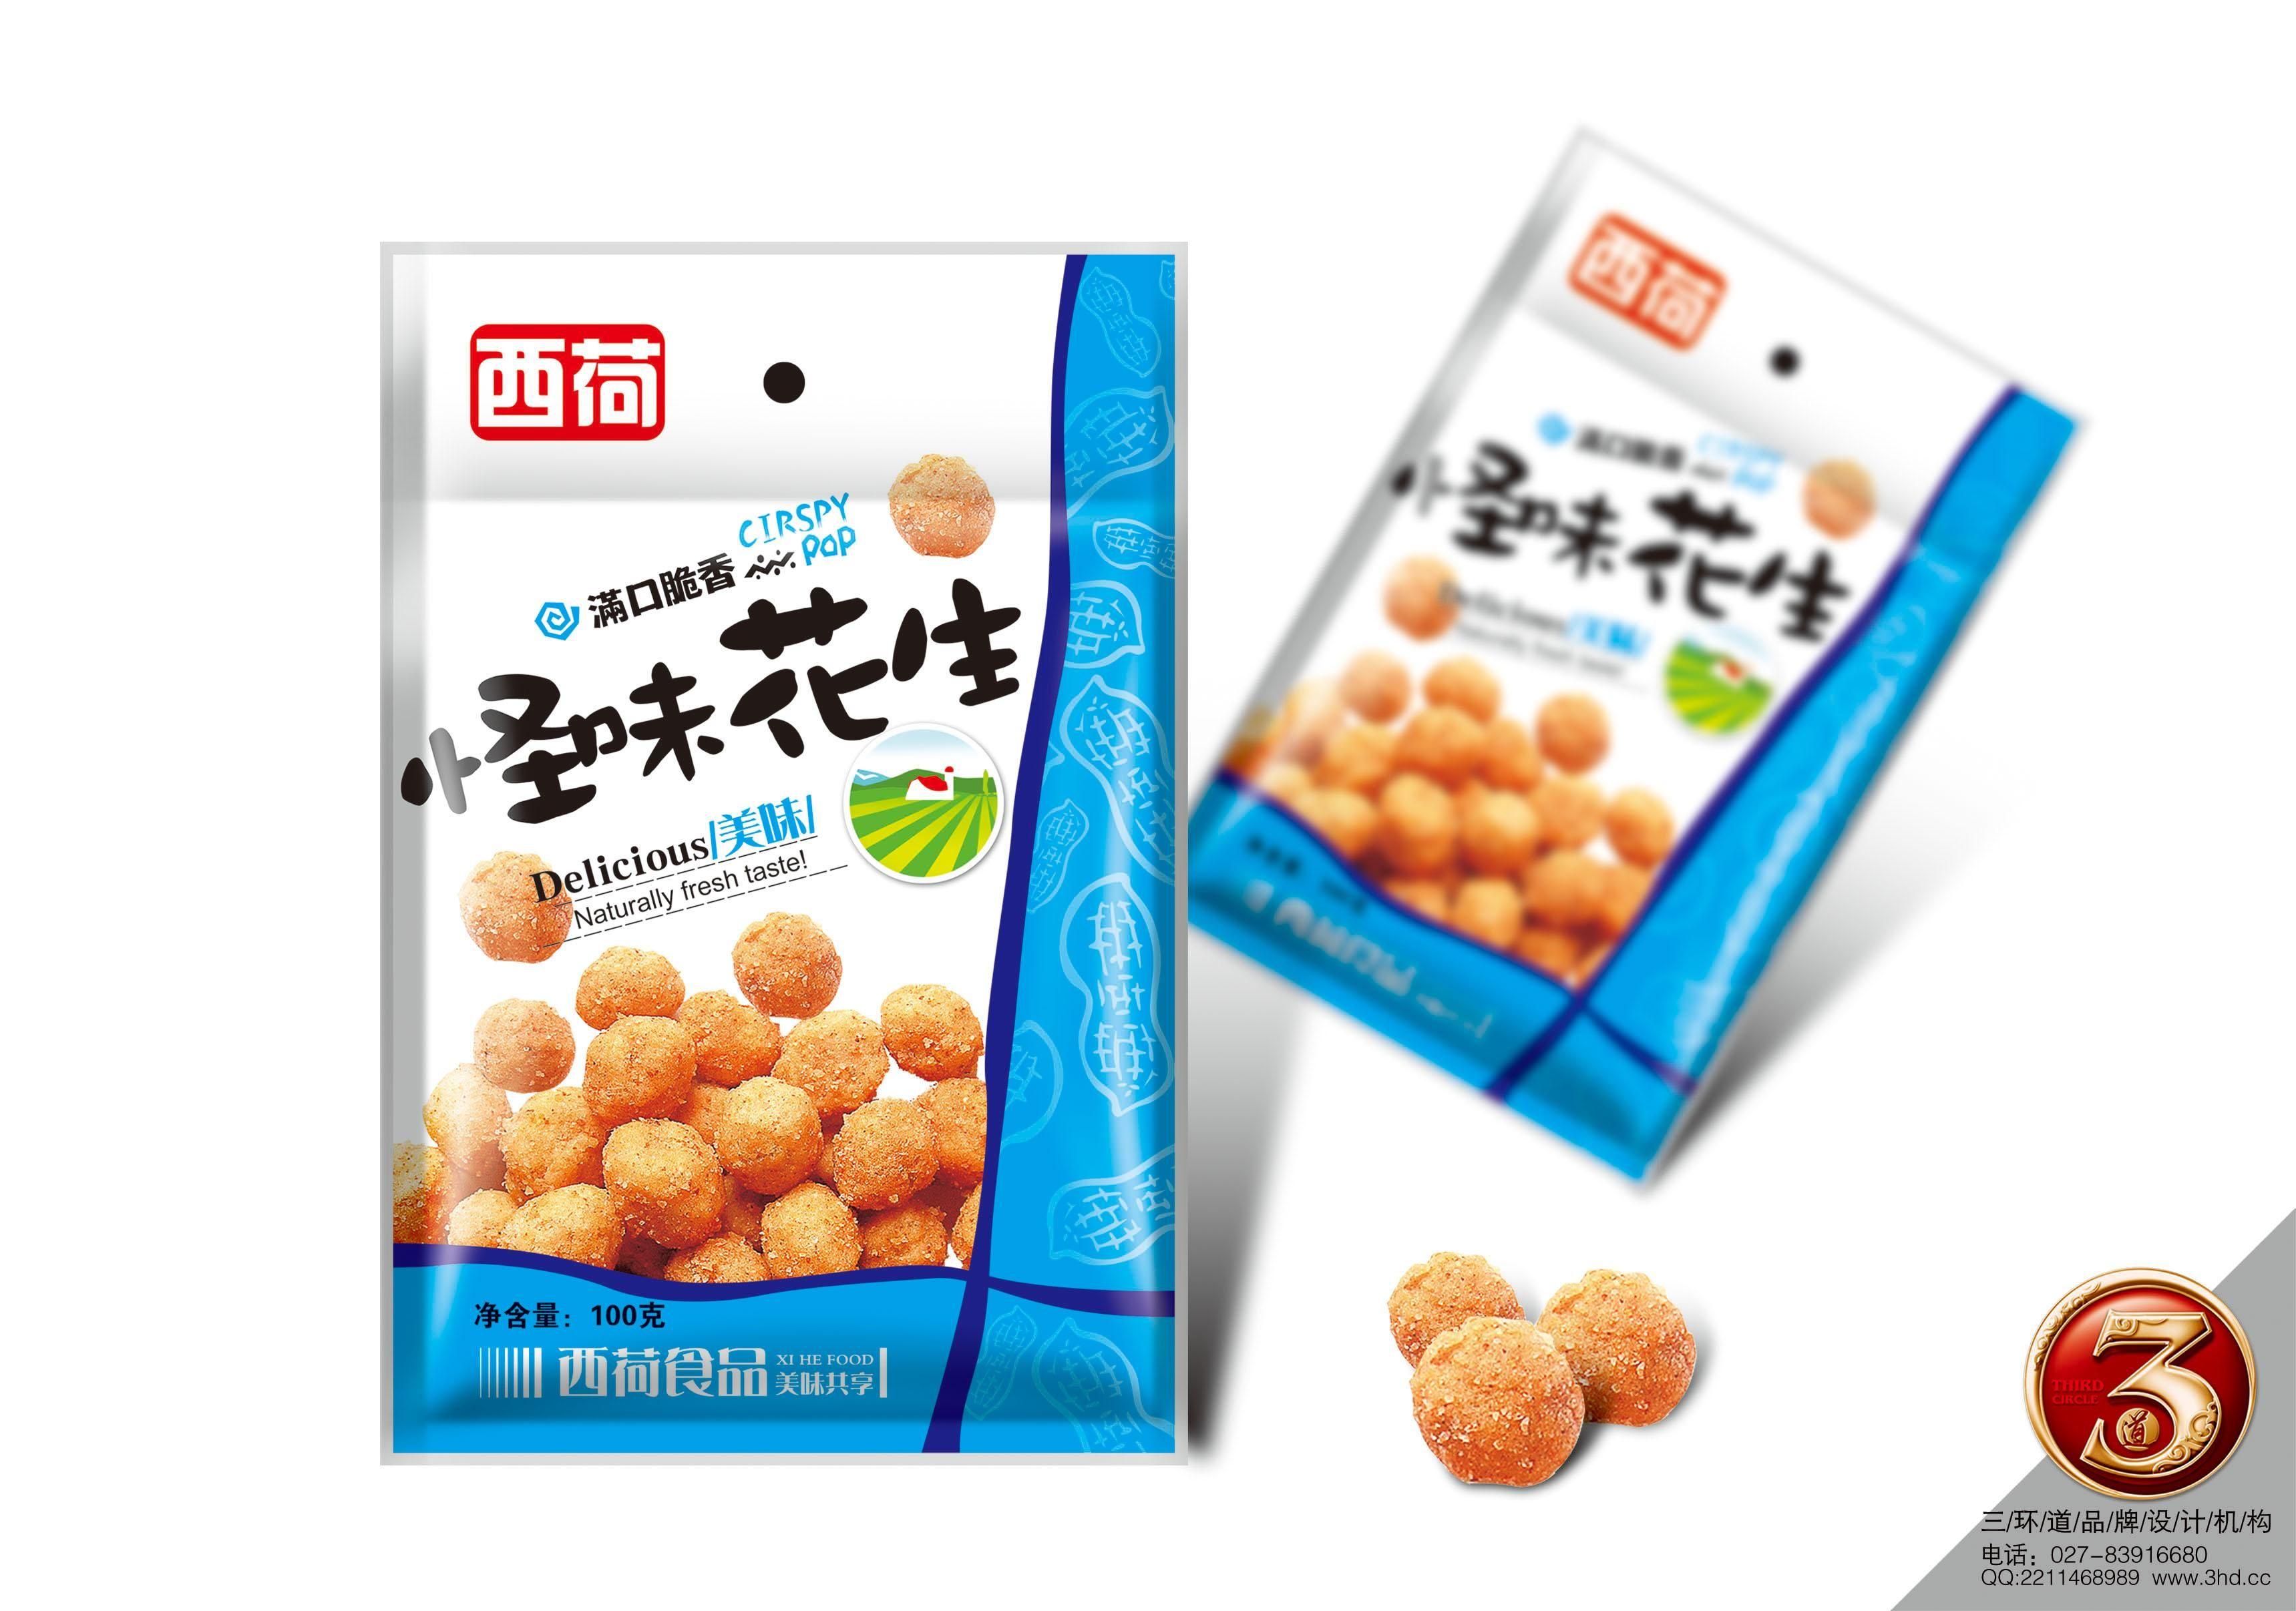 多味花生/花生/休闲食品/包装设计